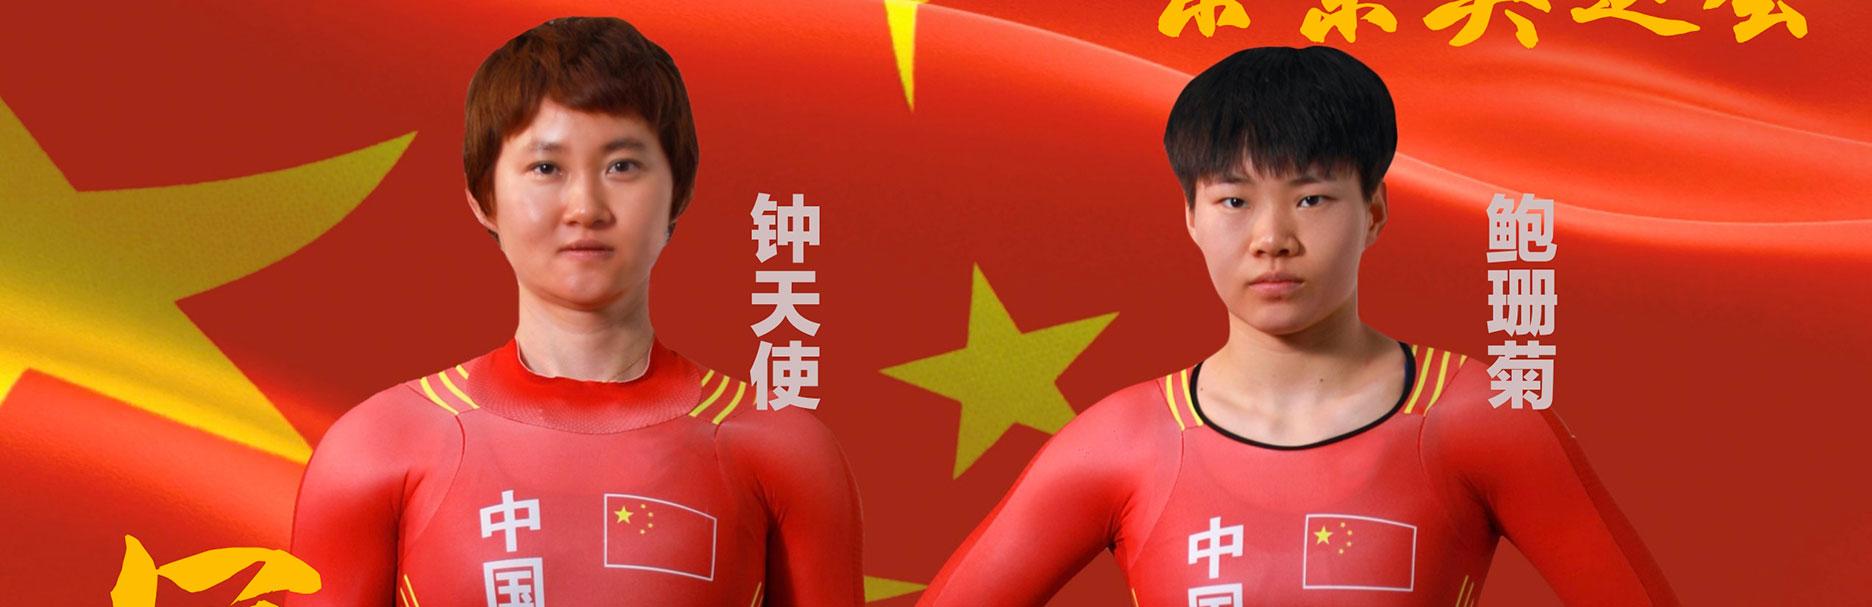 第28金!中國隊獲奧運場地自行車女子團體爭先賽冠軍